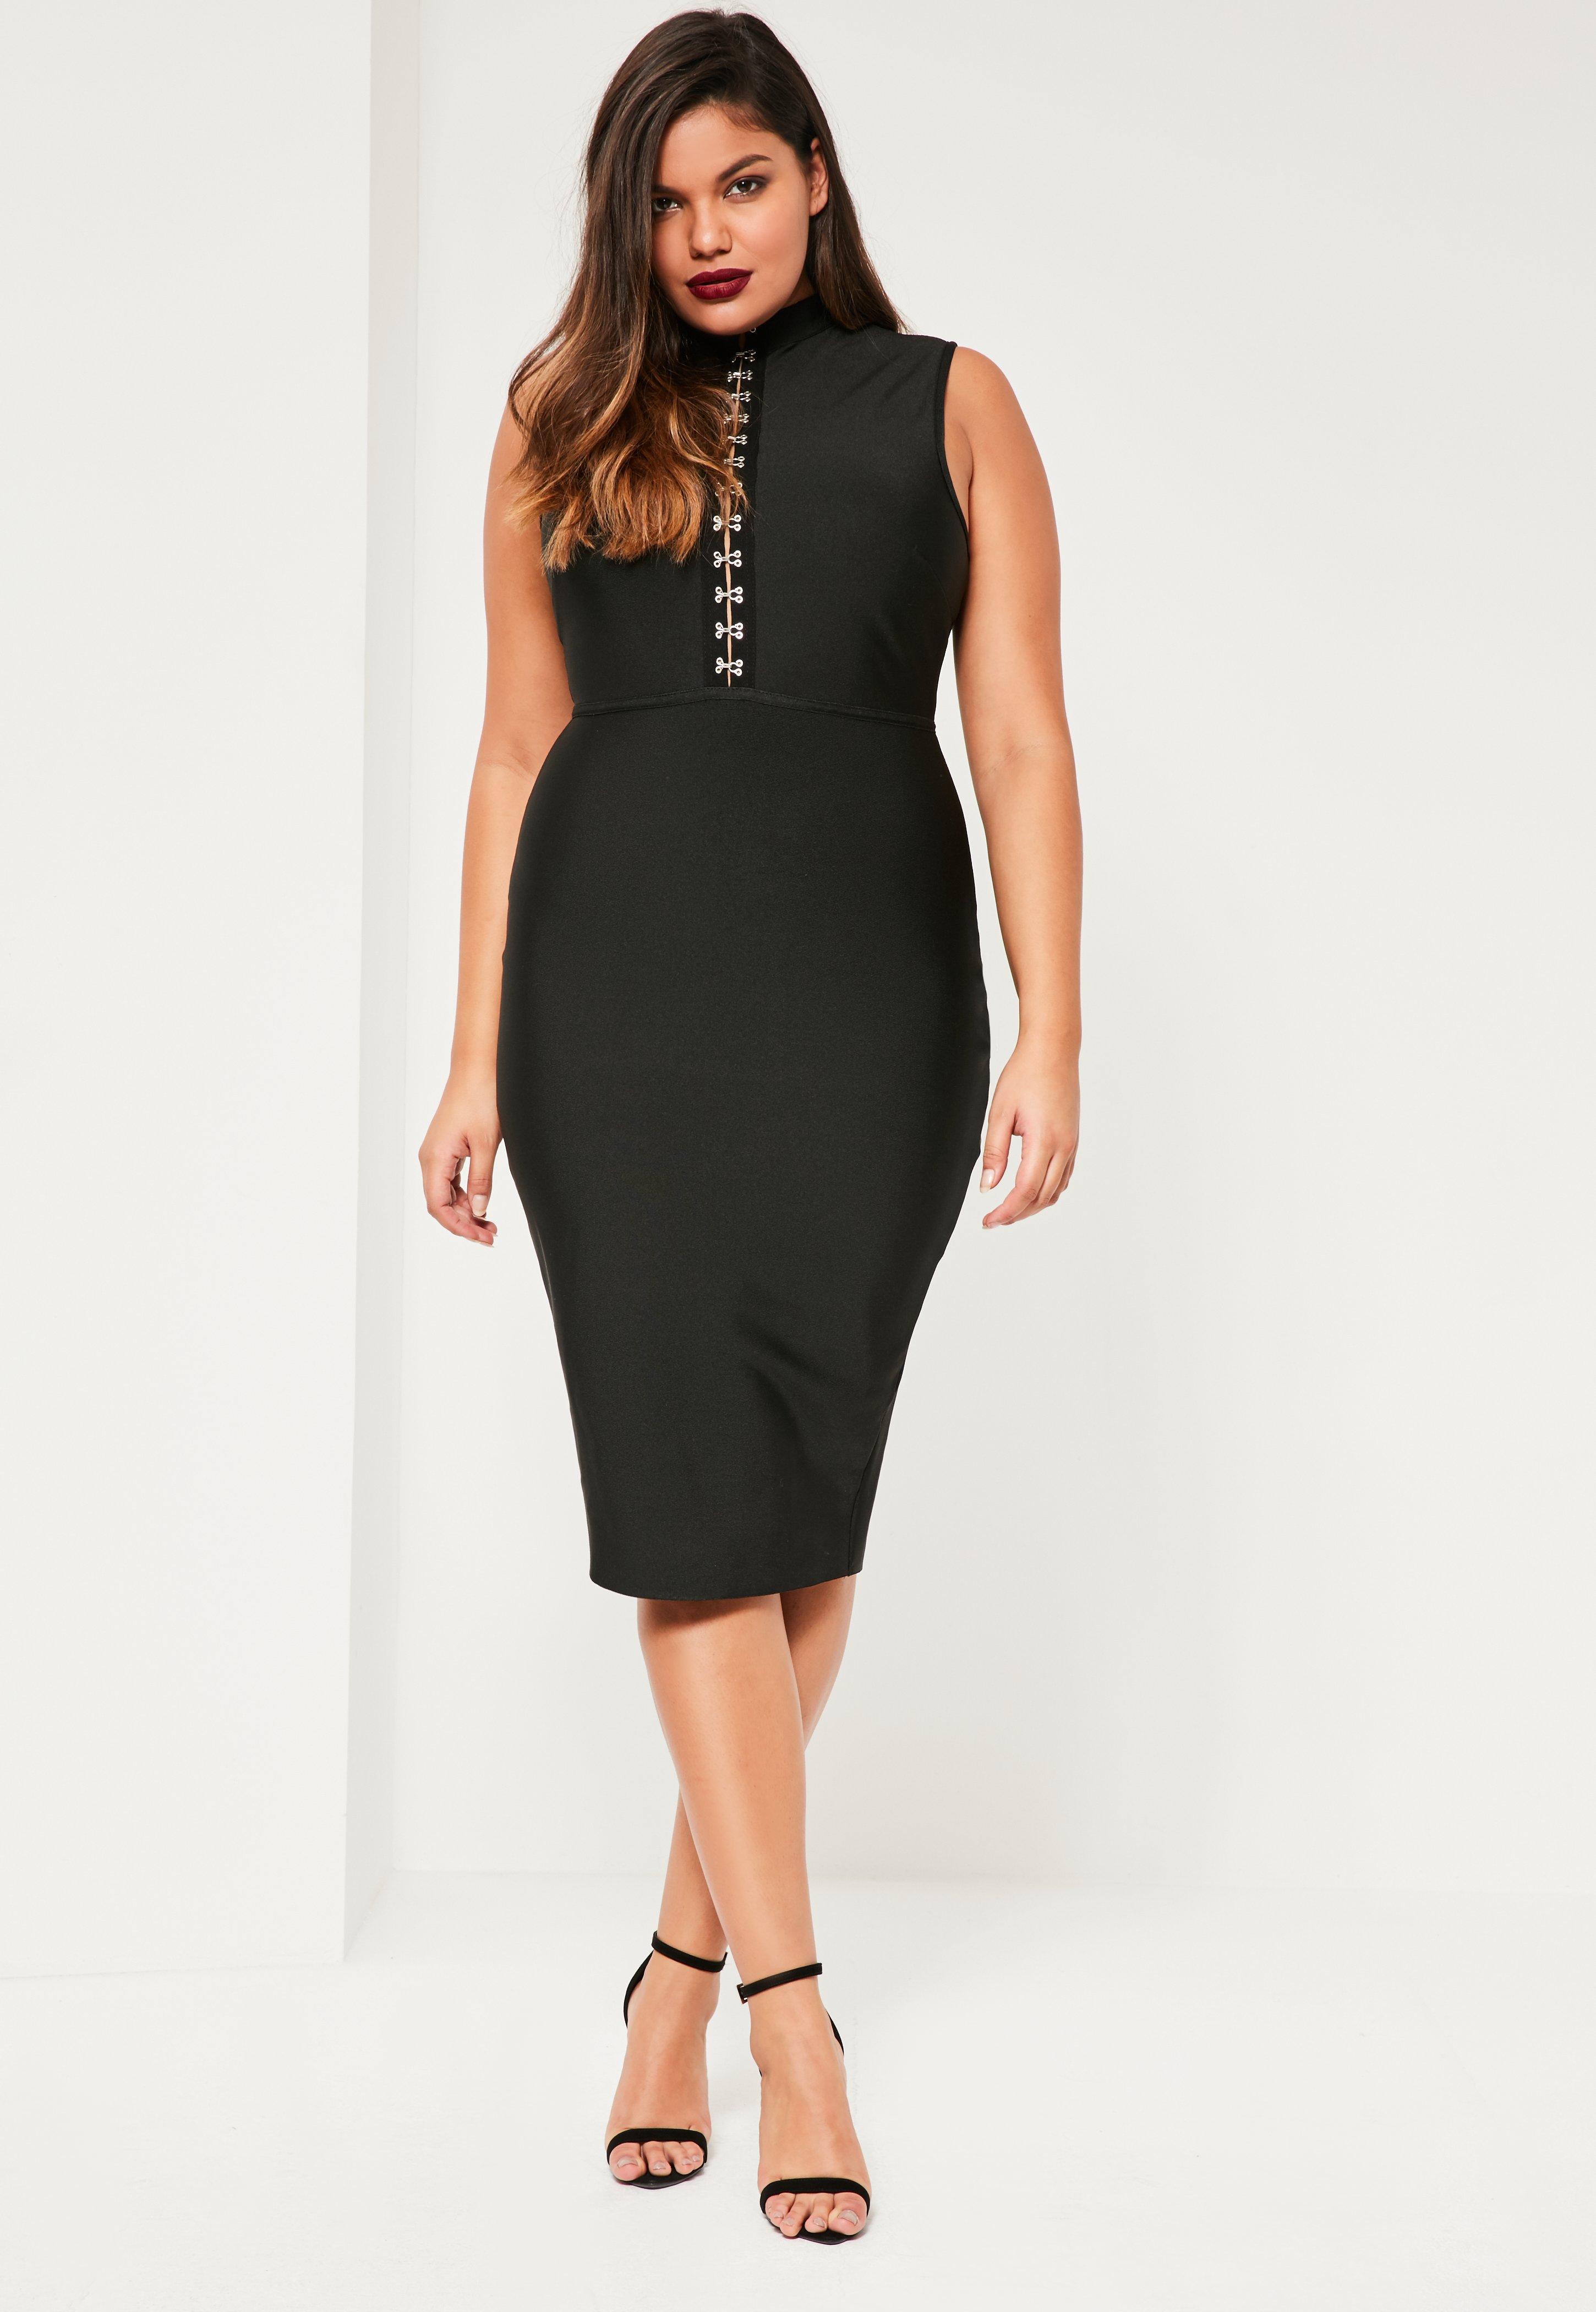 plus size black sleeveless bandage dress | missguided australia